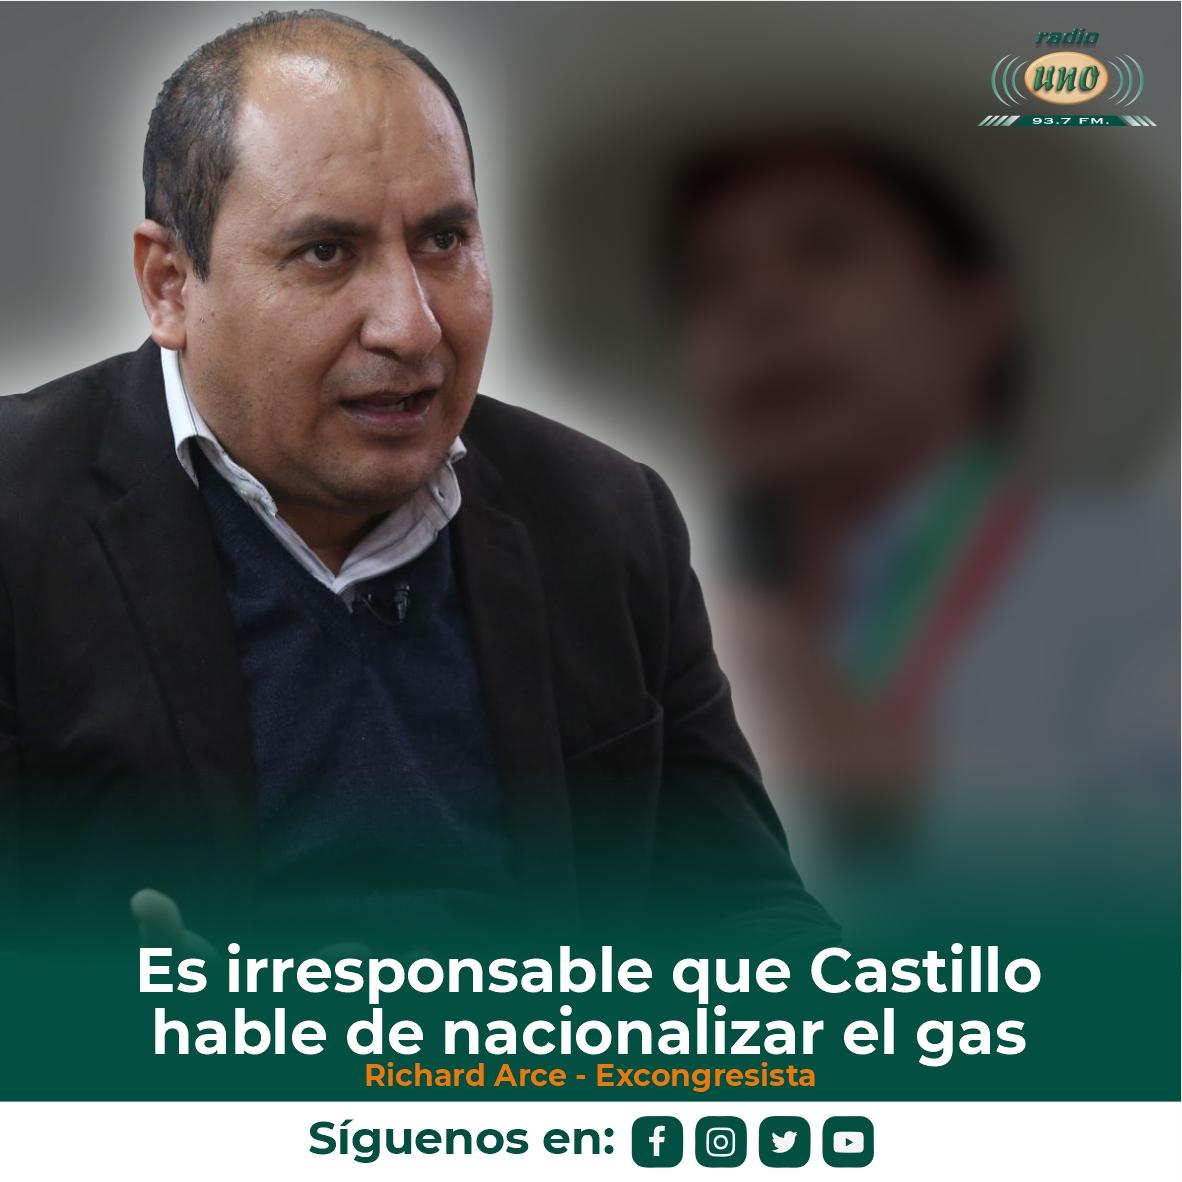 Es irresponsable que Castillo hable de nacionalizar el gas